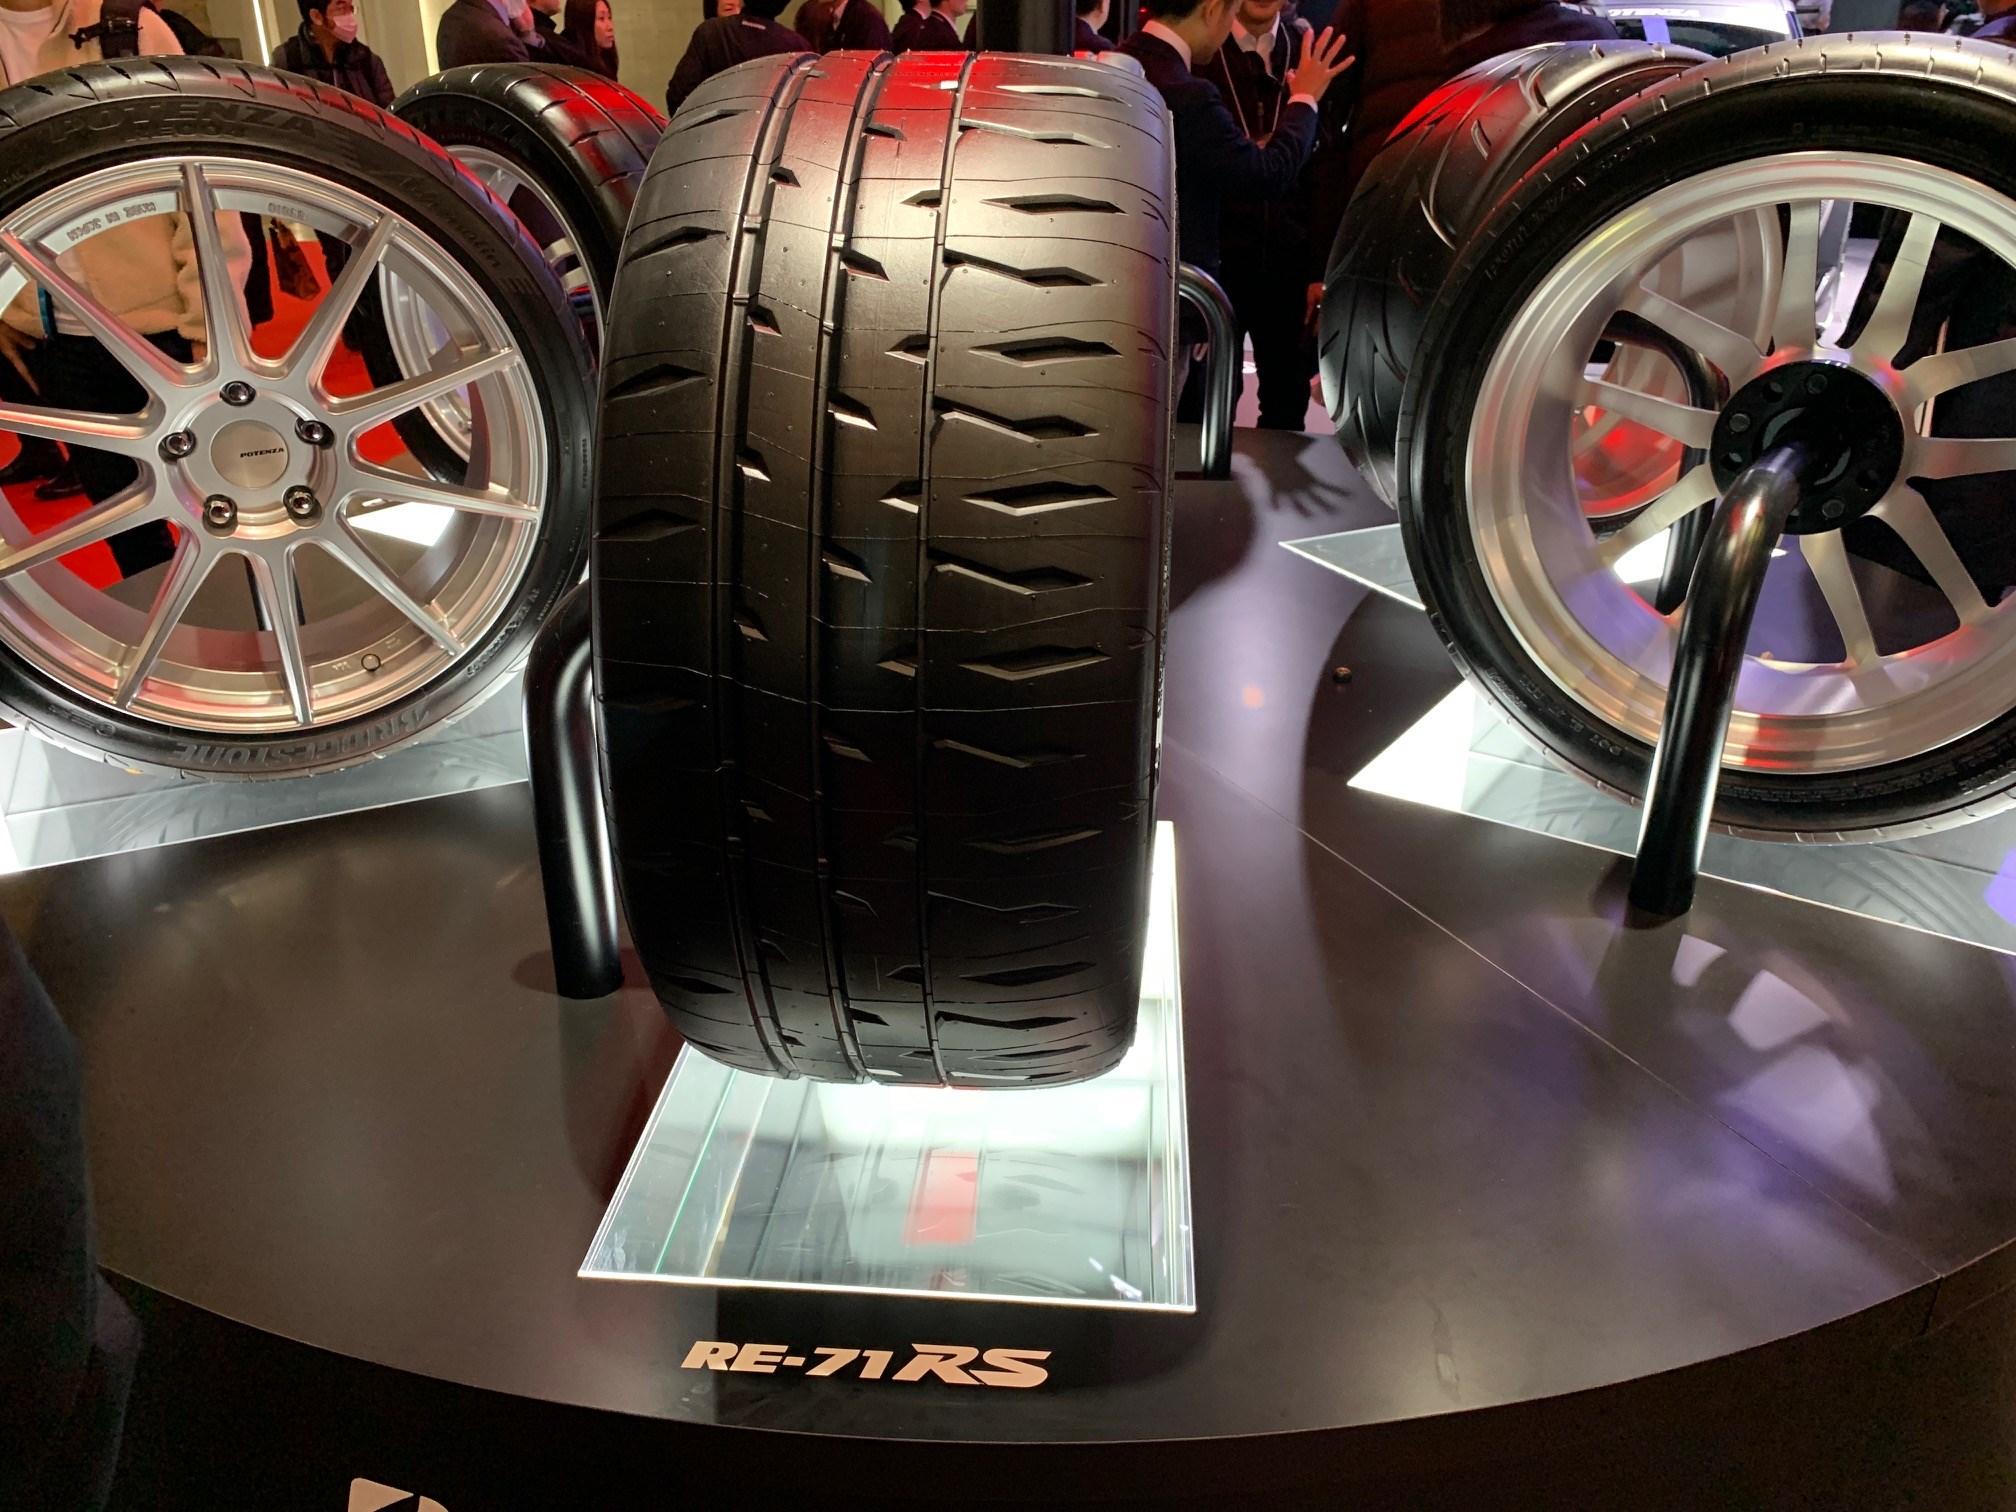 新スポーツタイヤを発表 ブリヂストン ポテンザ RE-71RS - 東京オートサロン